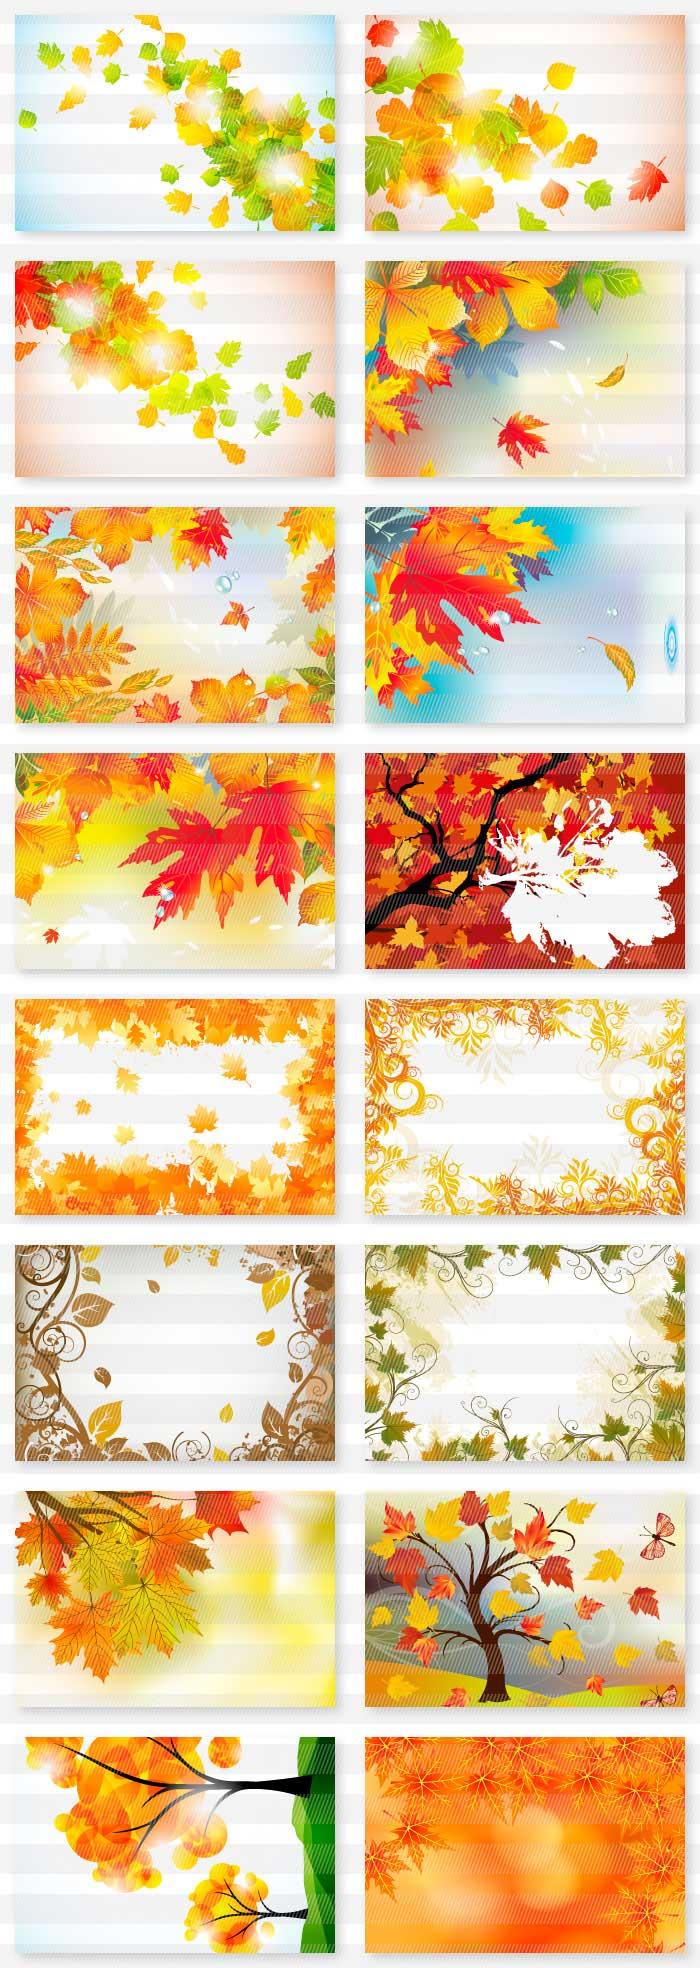 秋紅葉の背景素材イラストレーター素材aieps商用可能